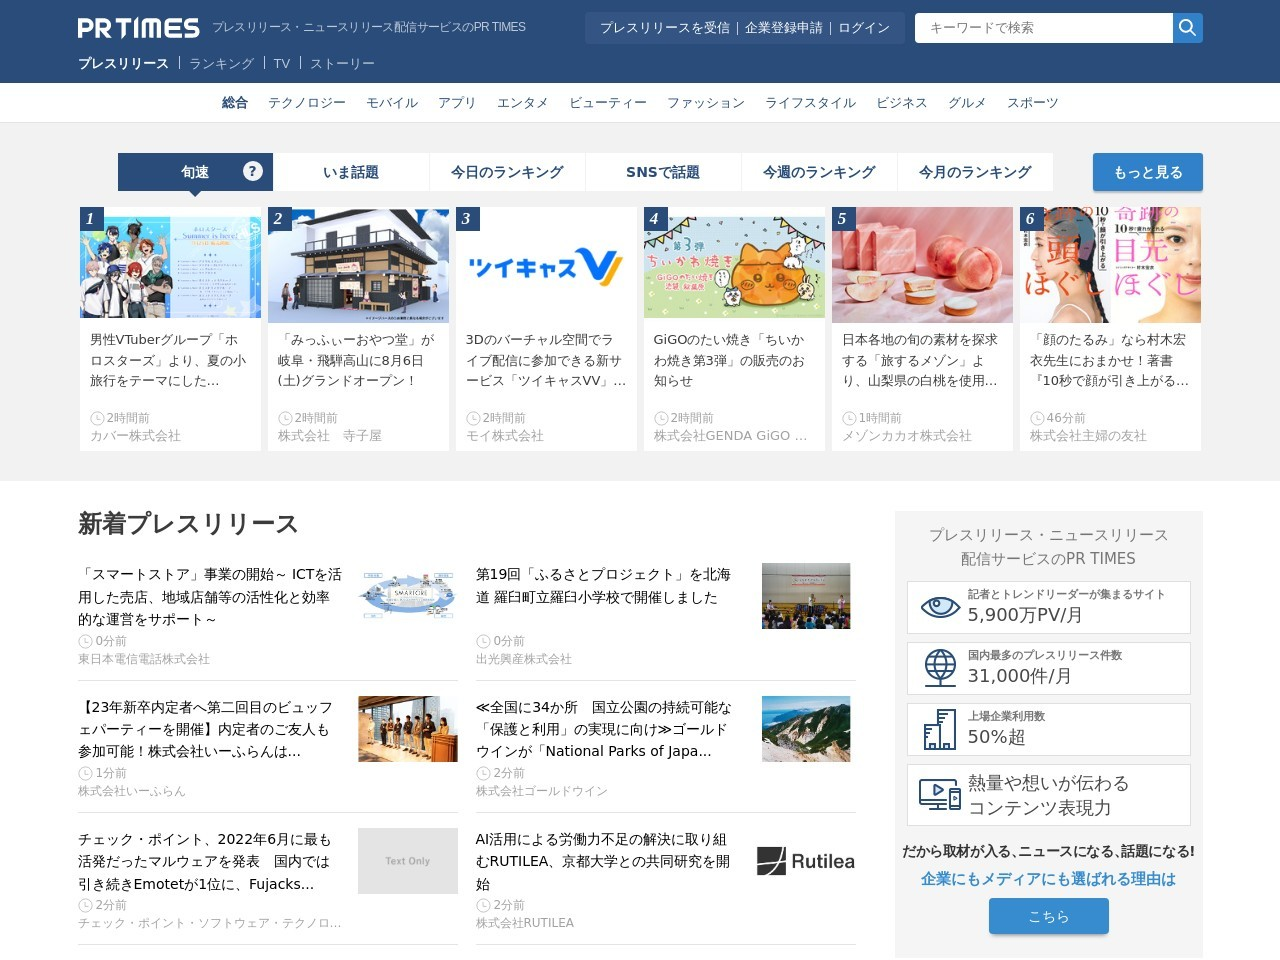 企業口コミサイトキャリコネ「契約社員が働きやすい企業ランキング」を発表